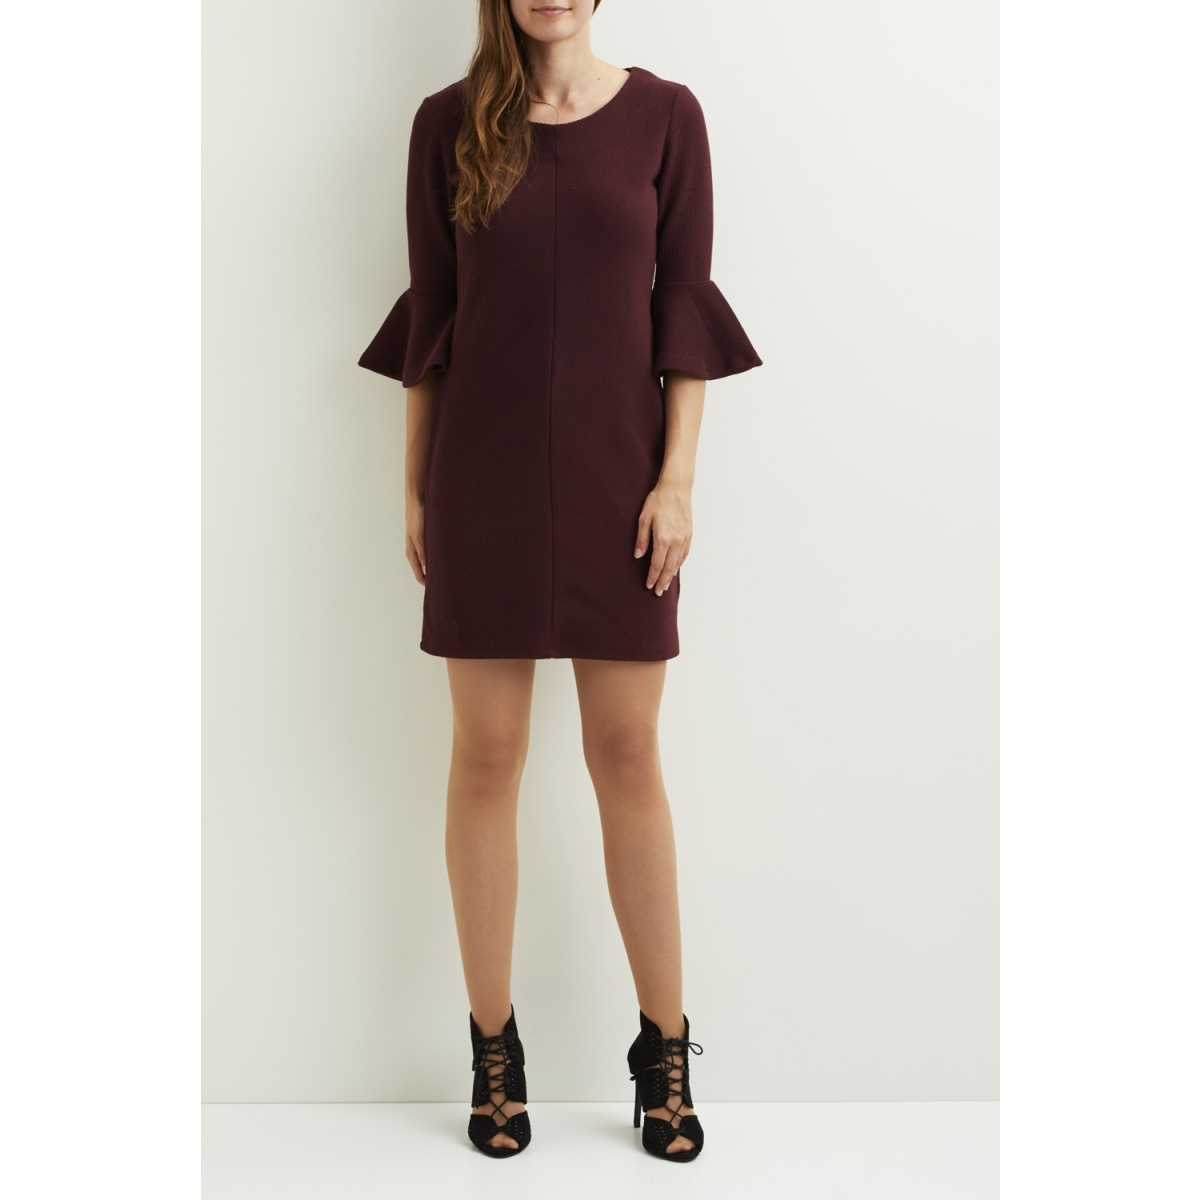 objtamia 3/4 dress 94 23025539 object jurk winetasting